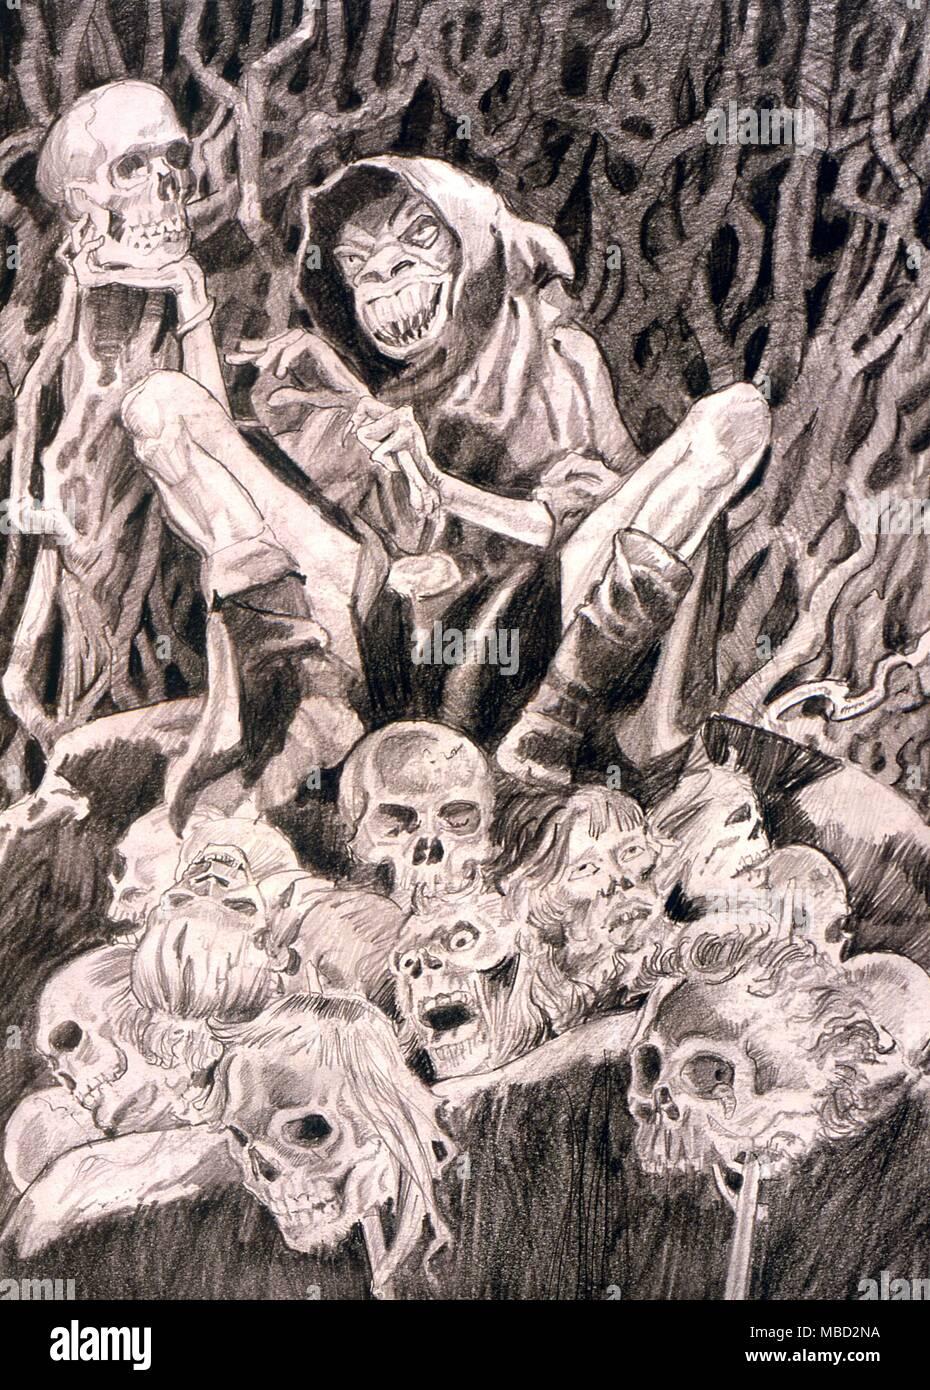 Monstruos Un Dibujo A Lápiz Titulado Head Hunter Por El Artista